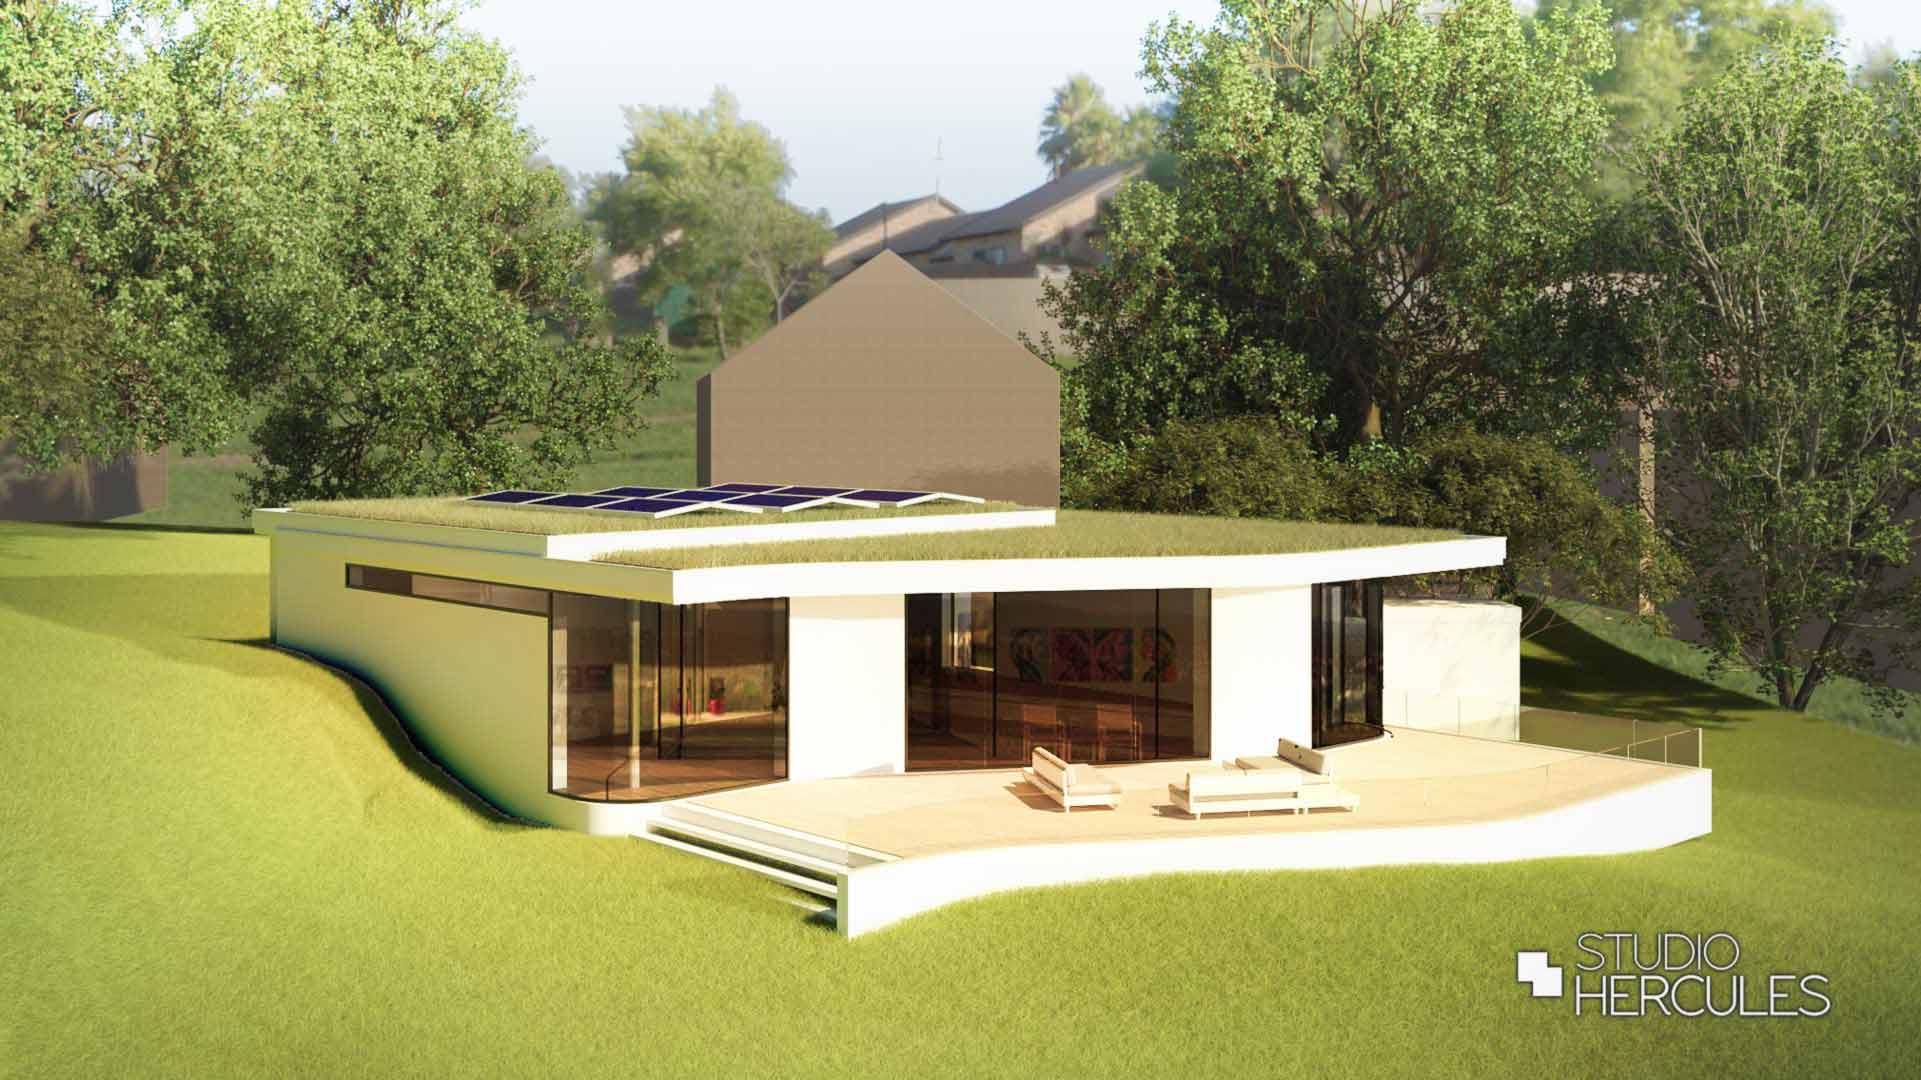 Stoere villa groot overstek, zonnepanelen mossedum dak